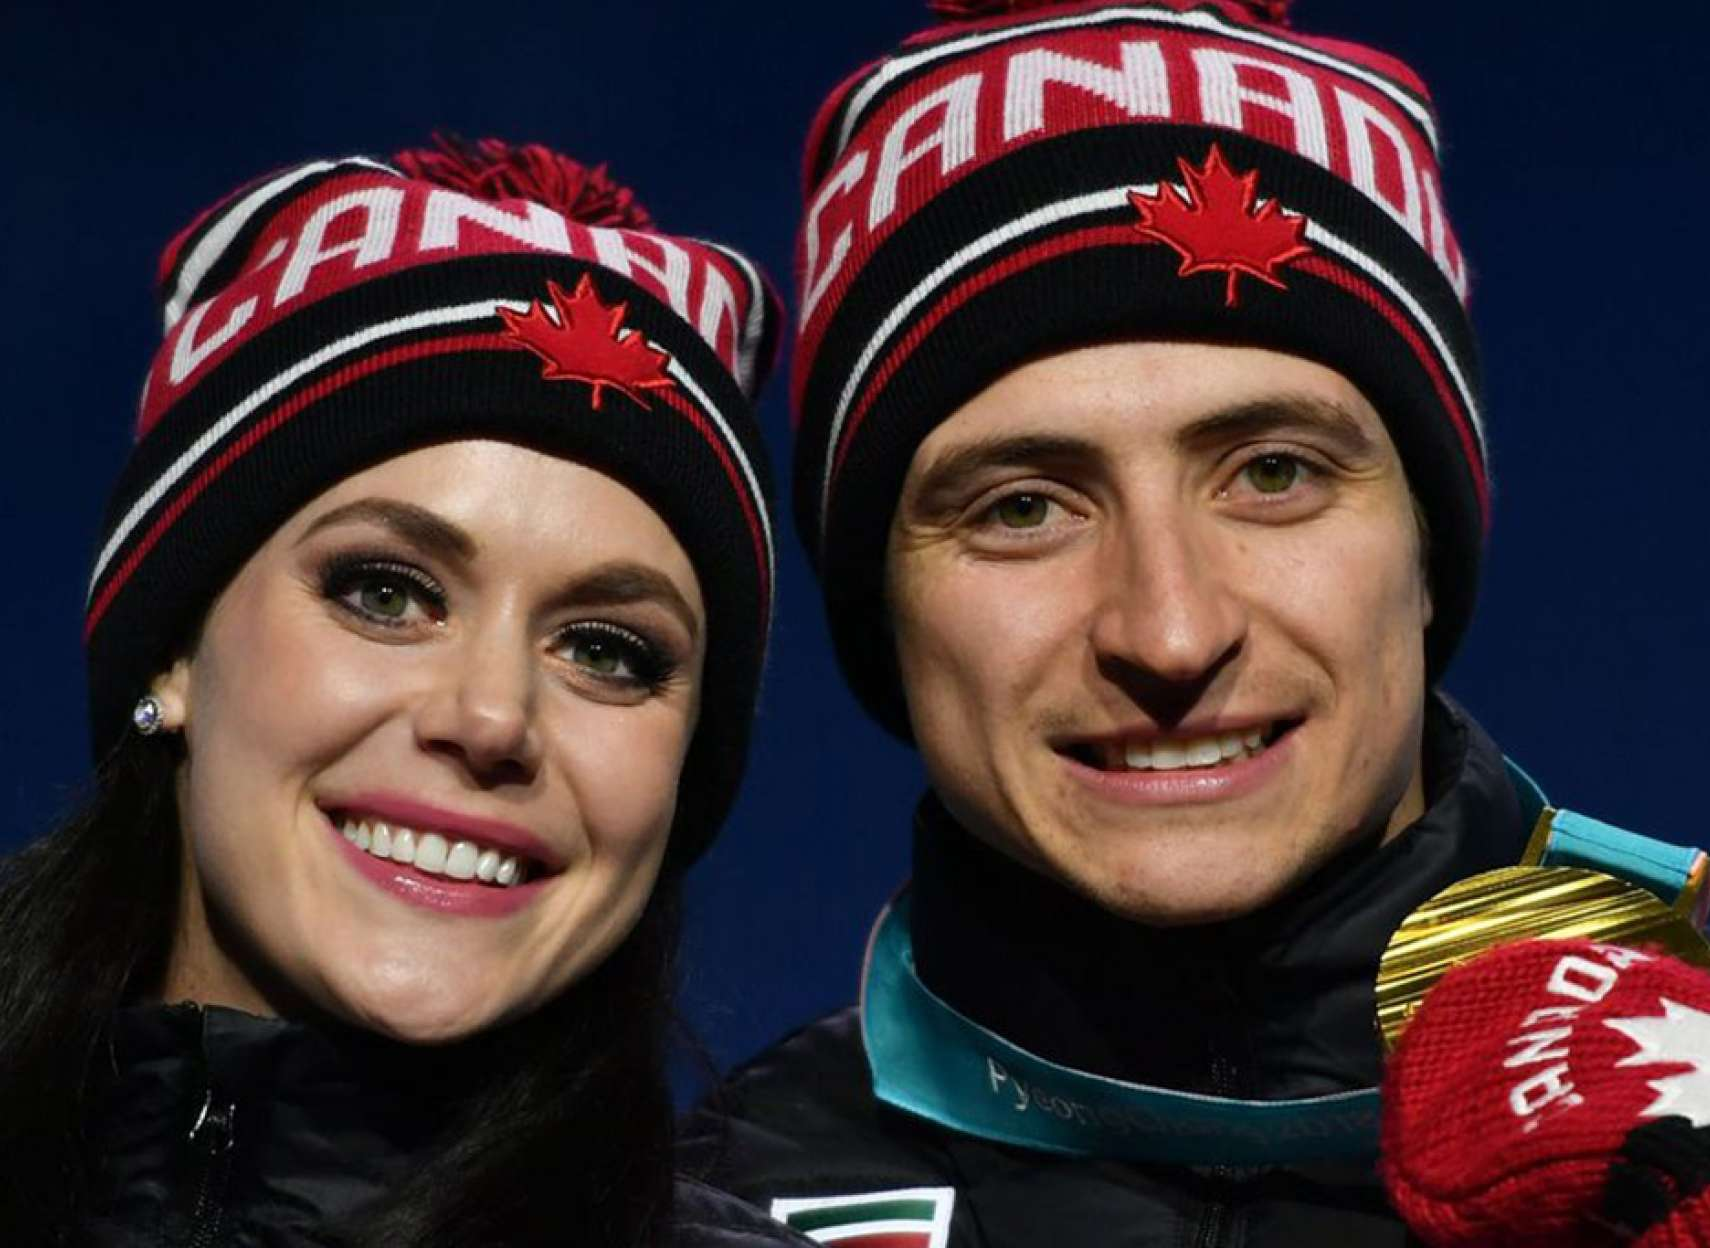 اخبار-کانادا-قهرمانان-رقص-روی-یخ-کانادا-بازنشسته-میشوند